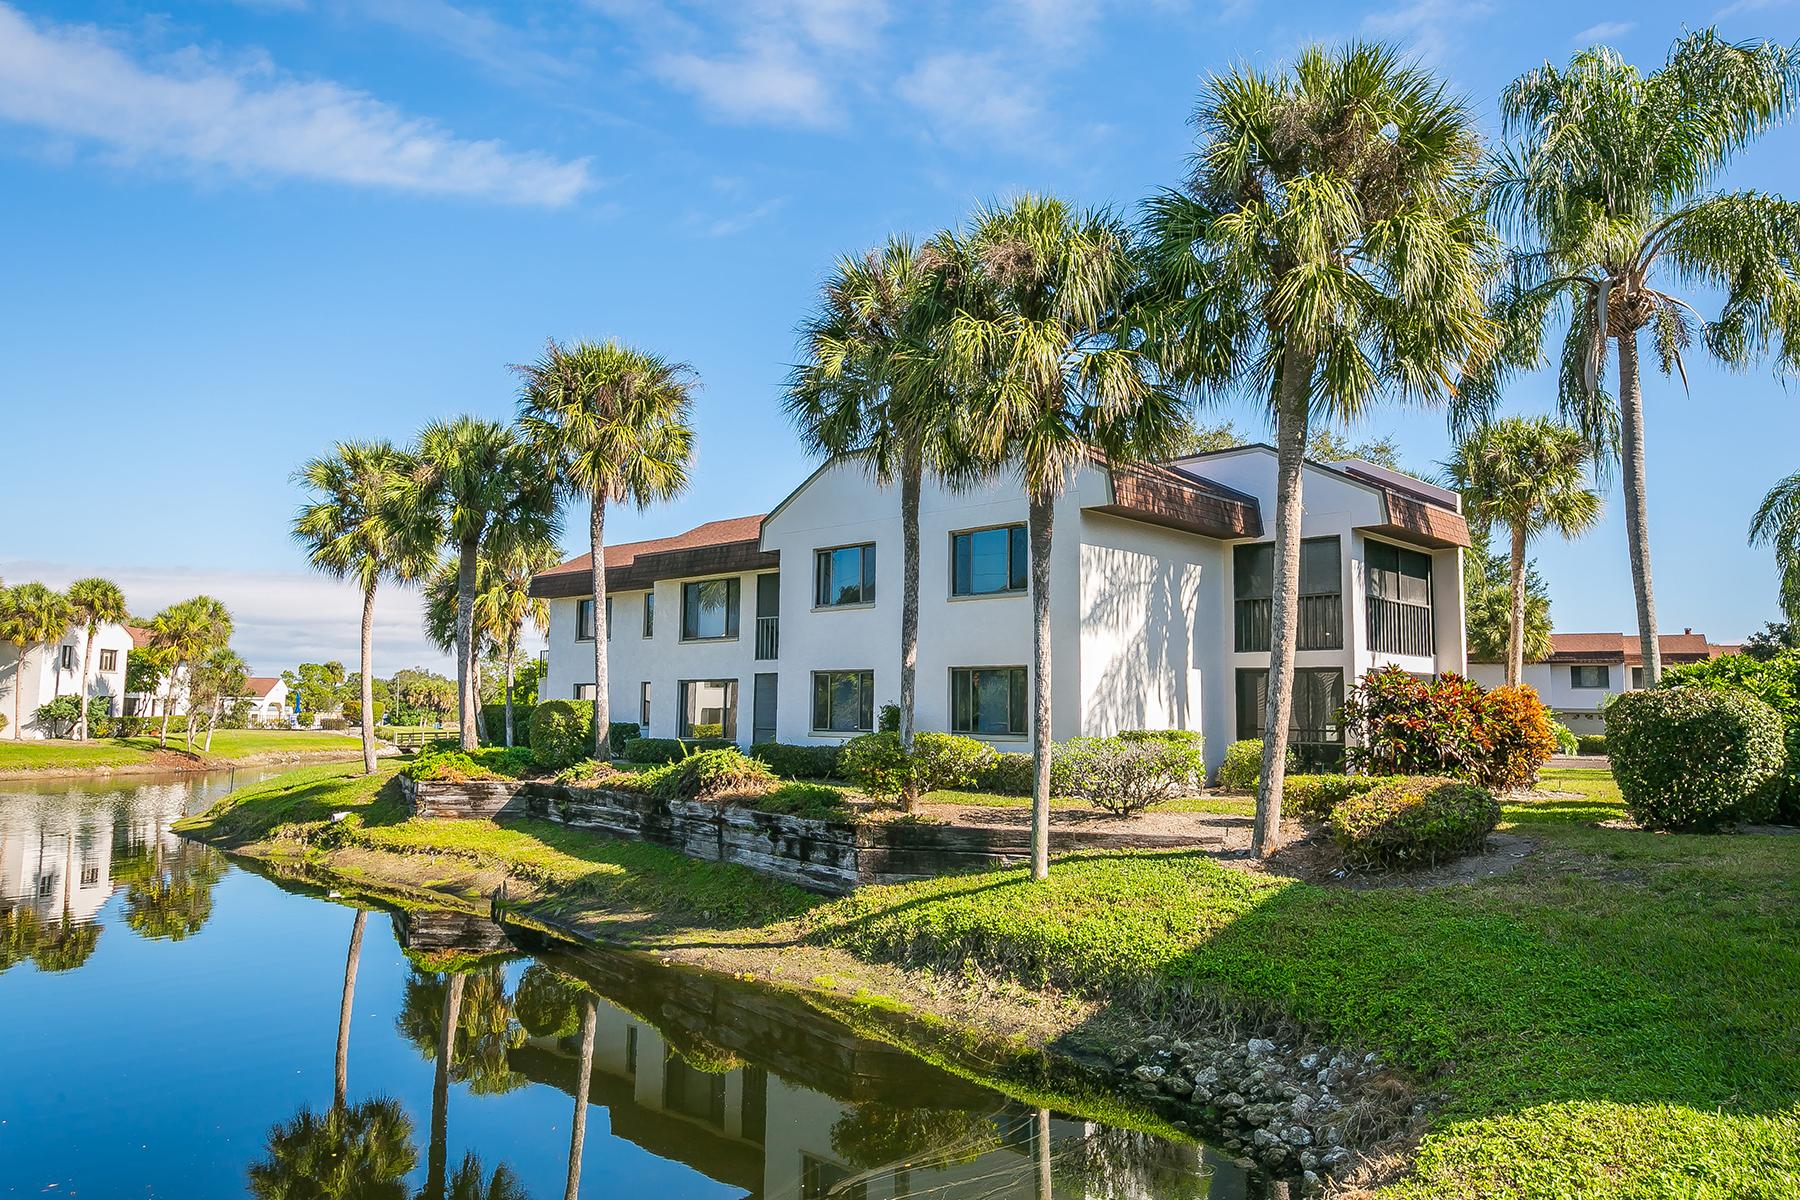 Condominium for Sale at SUMMER GREEN 816 Capri Isles Blvd 221, Venice, Florida 34292 United States